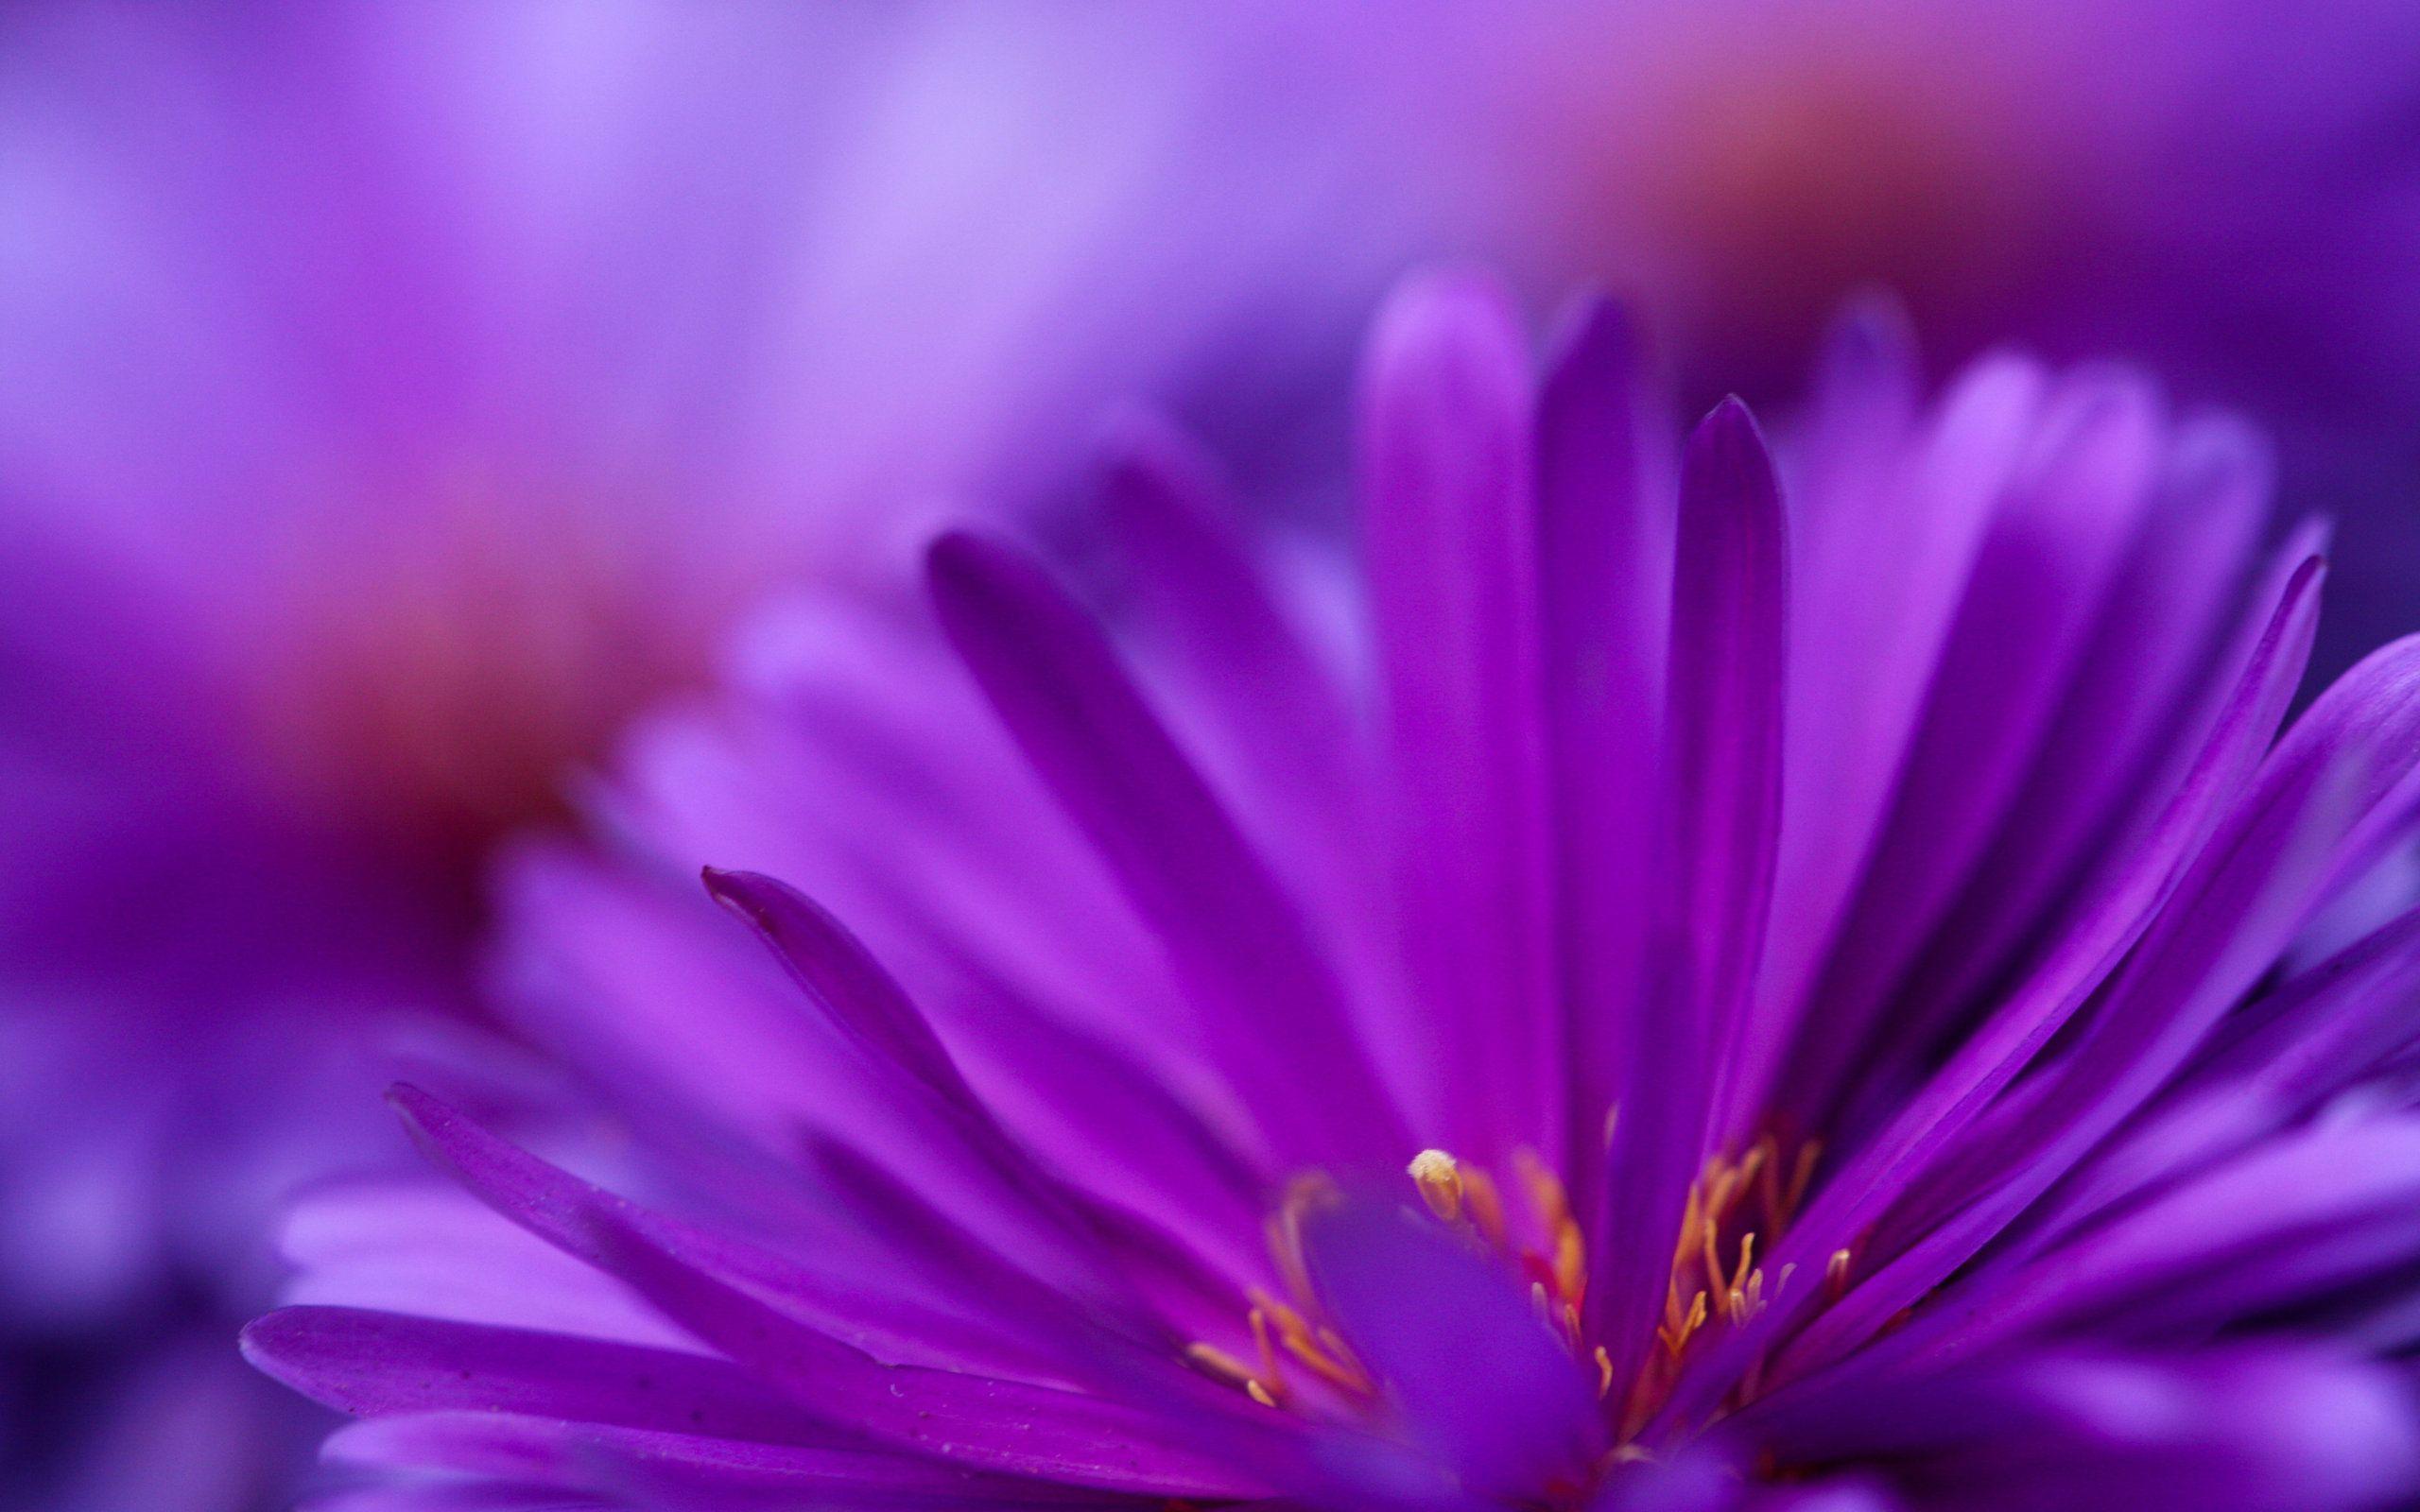 Purple Purple Flowers Wallpaper Purple Flowers Purple Wallpaper Hd Flower wallpaper zoom zoom backgrounds